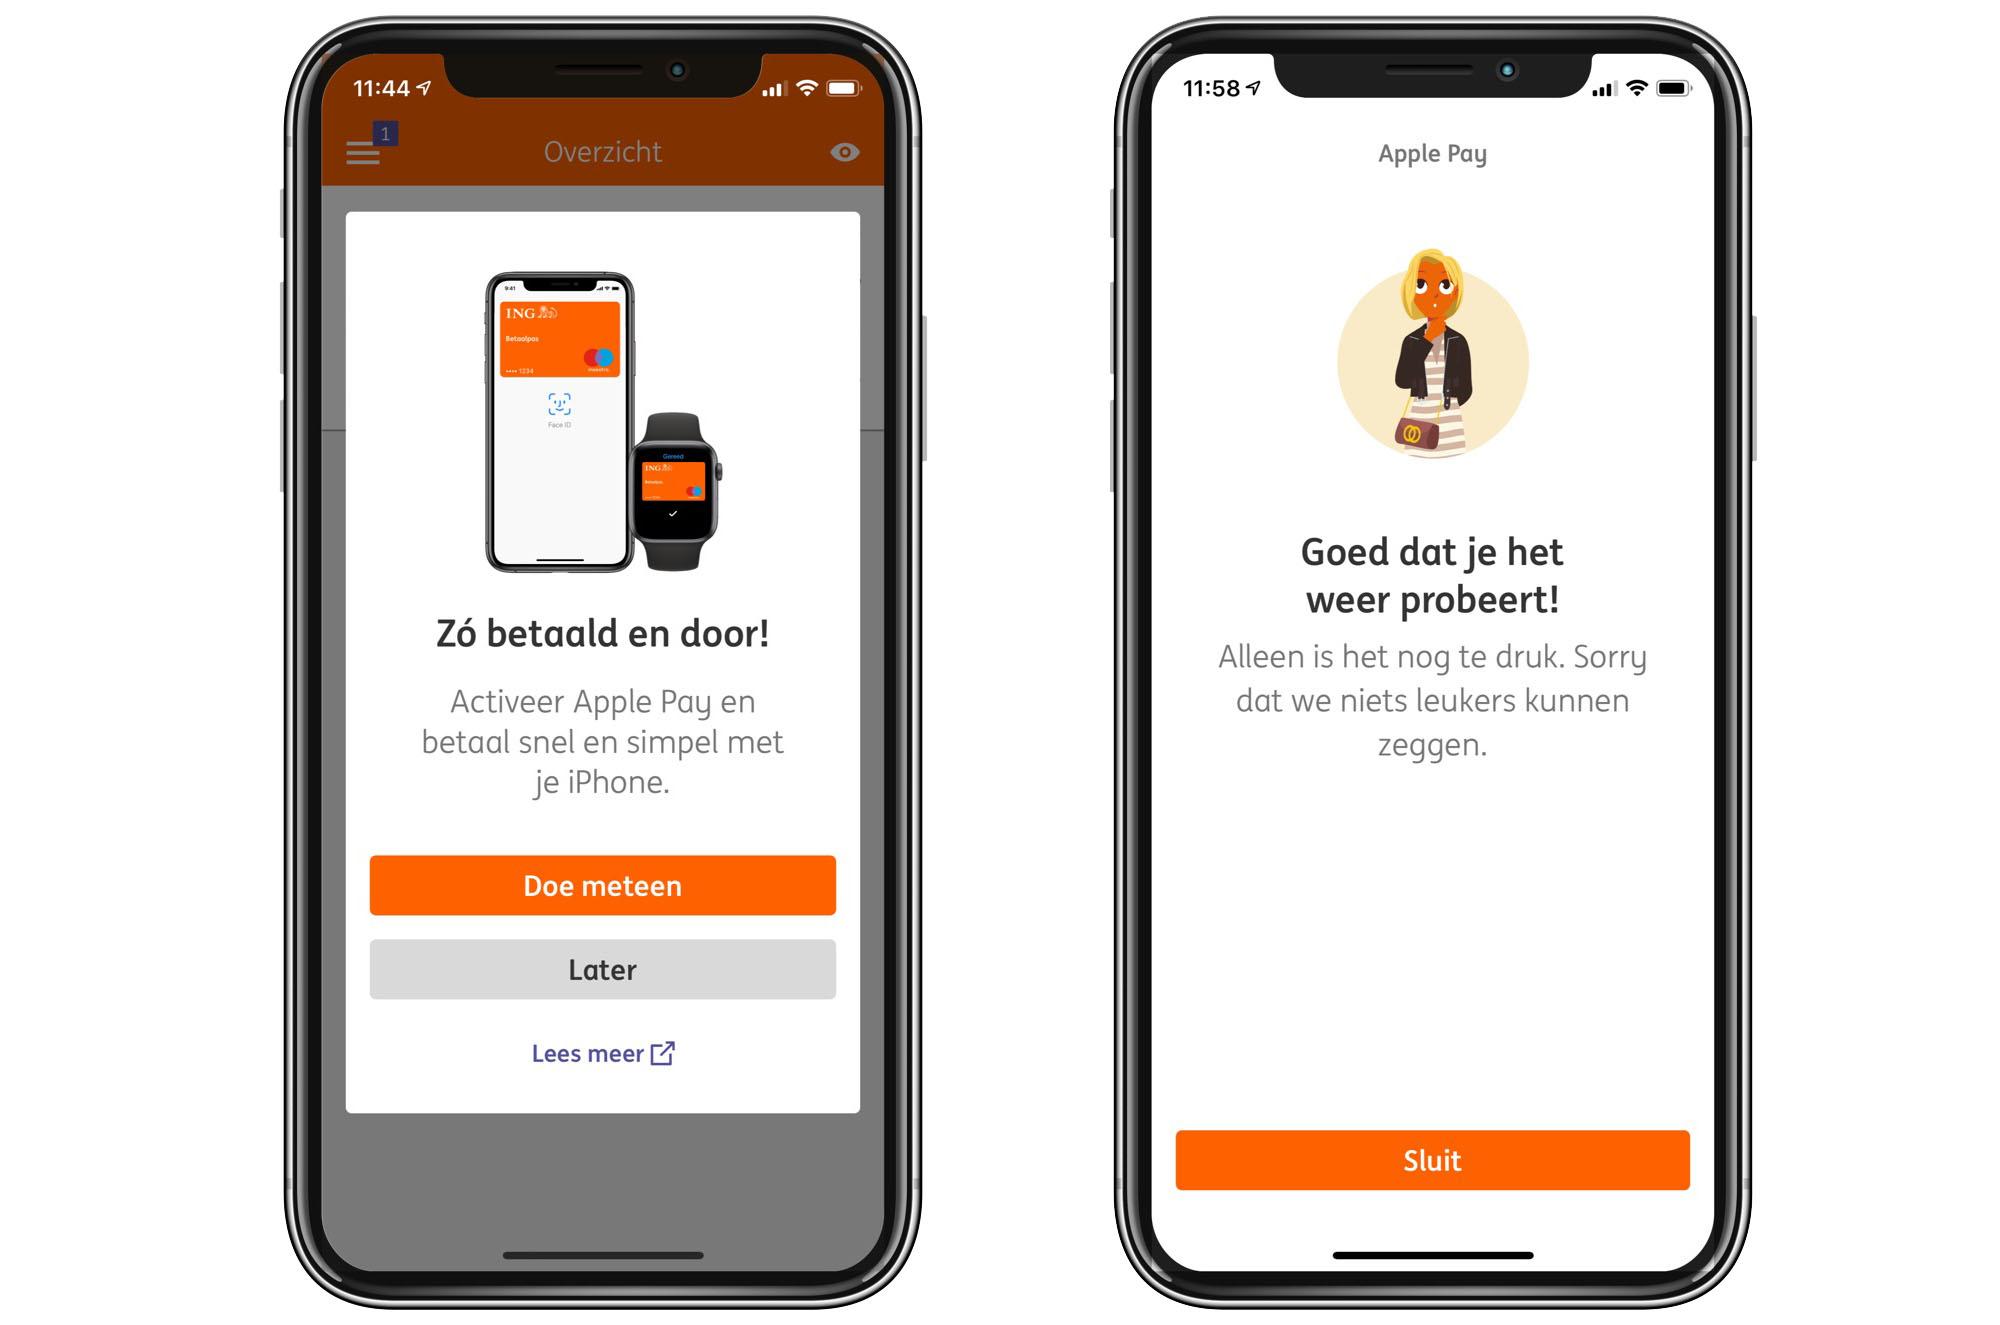 https://www.macfreak.nl/modules/news/images/zArt.ApplePayING-EersteScherm.jpeg